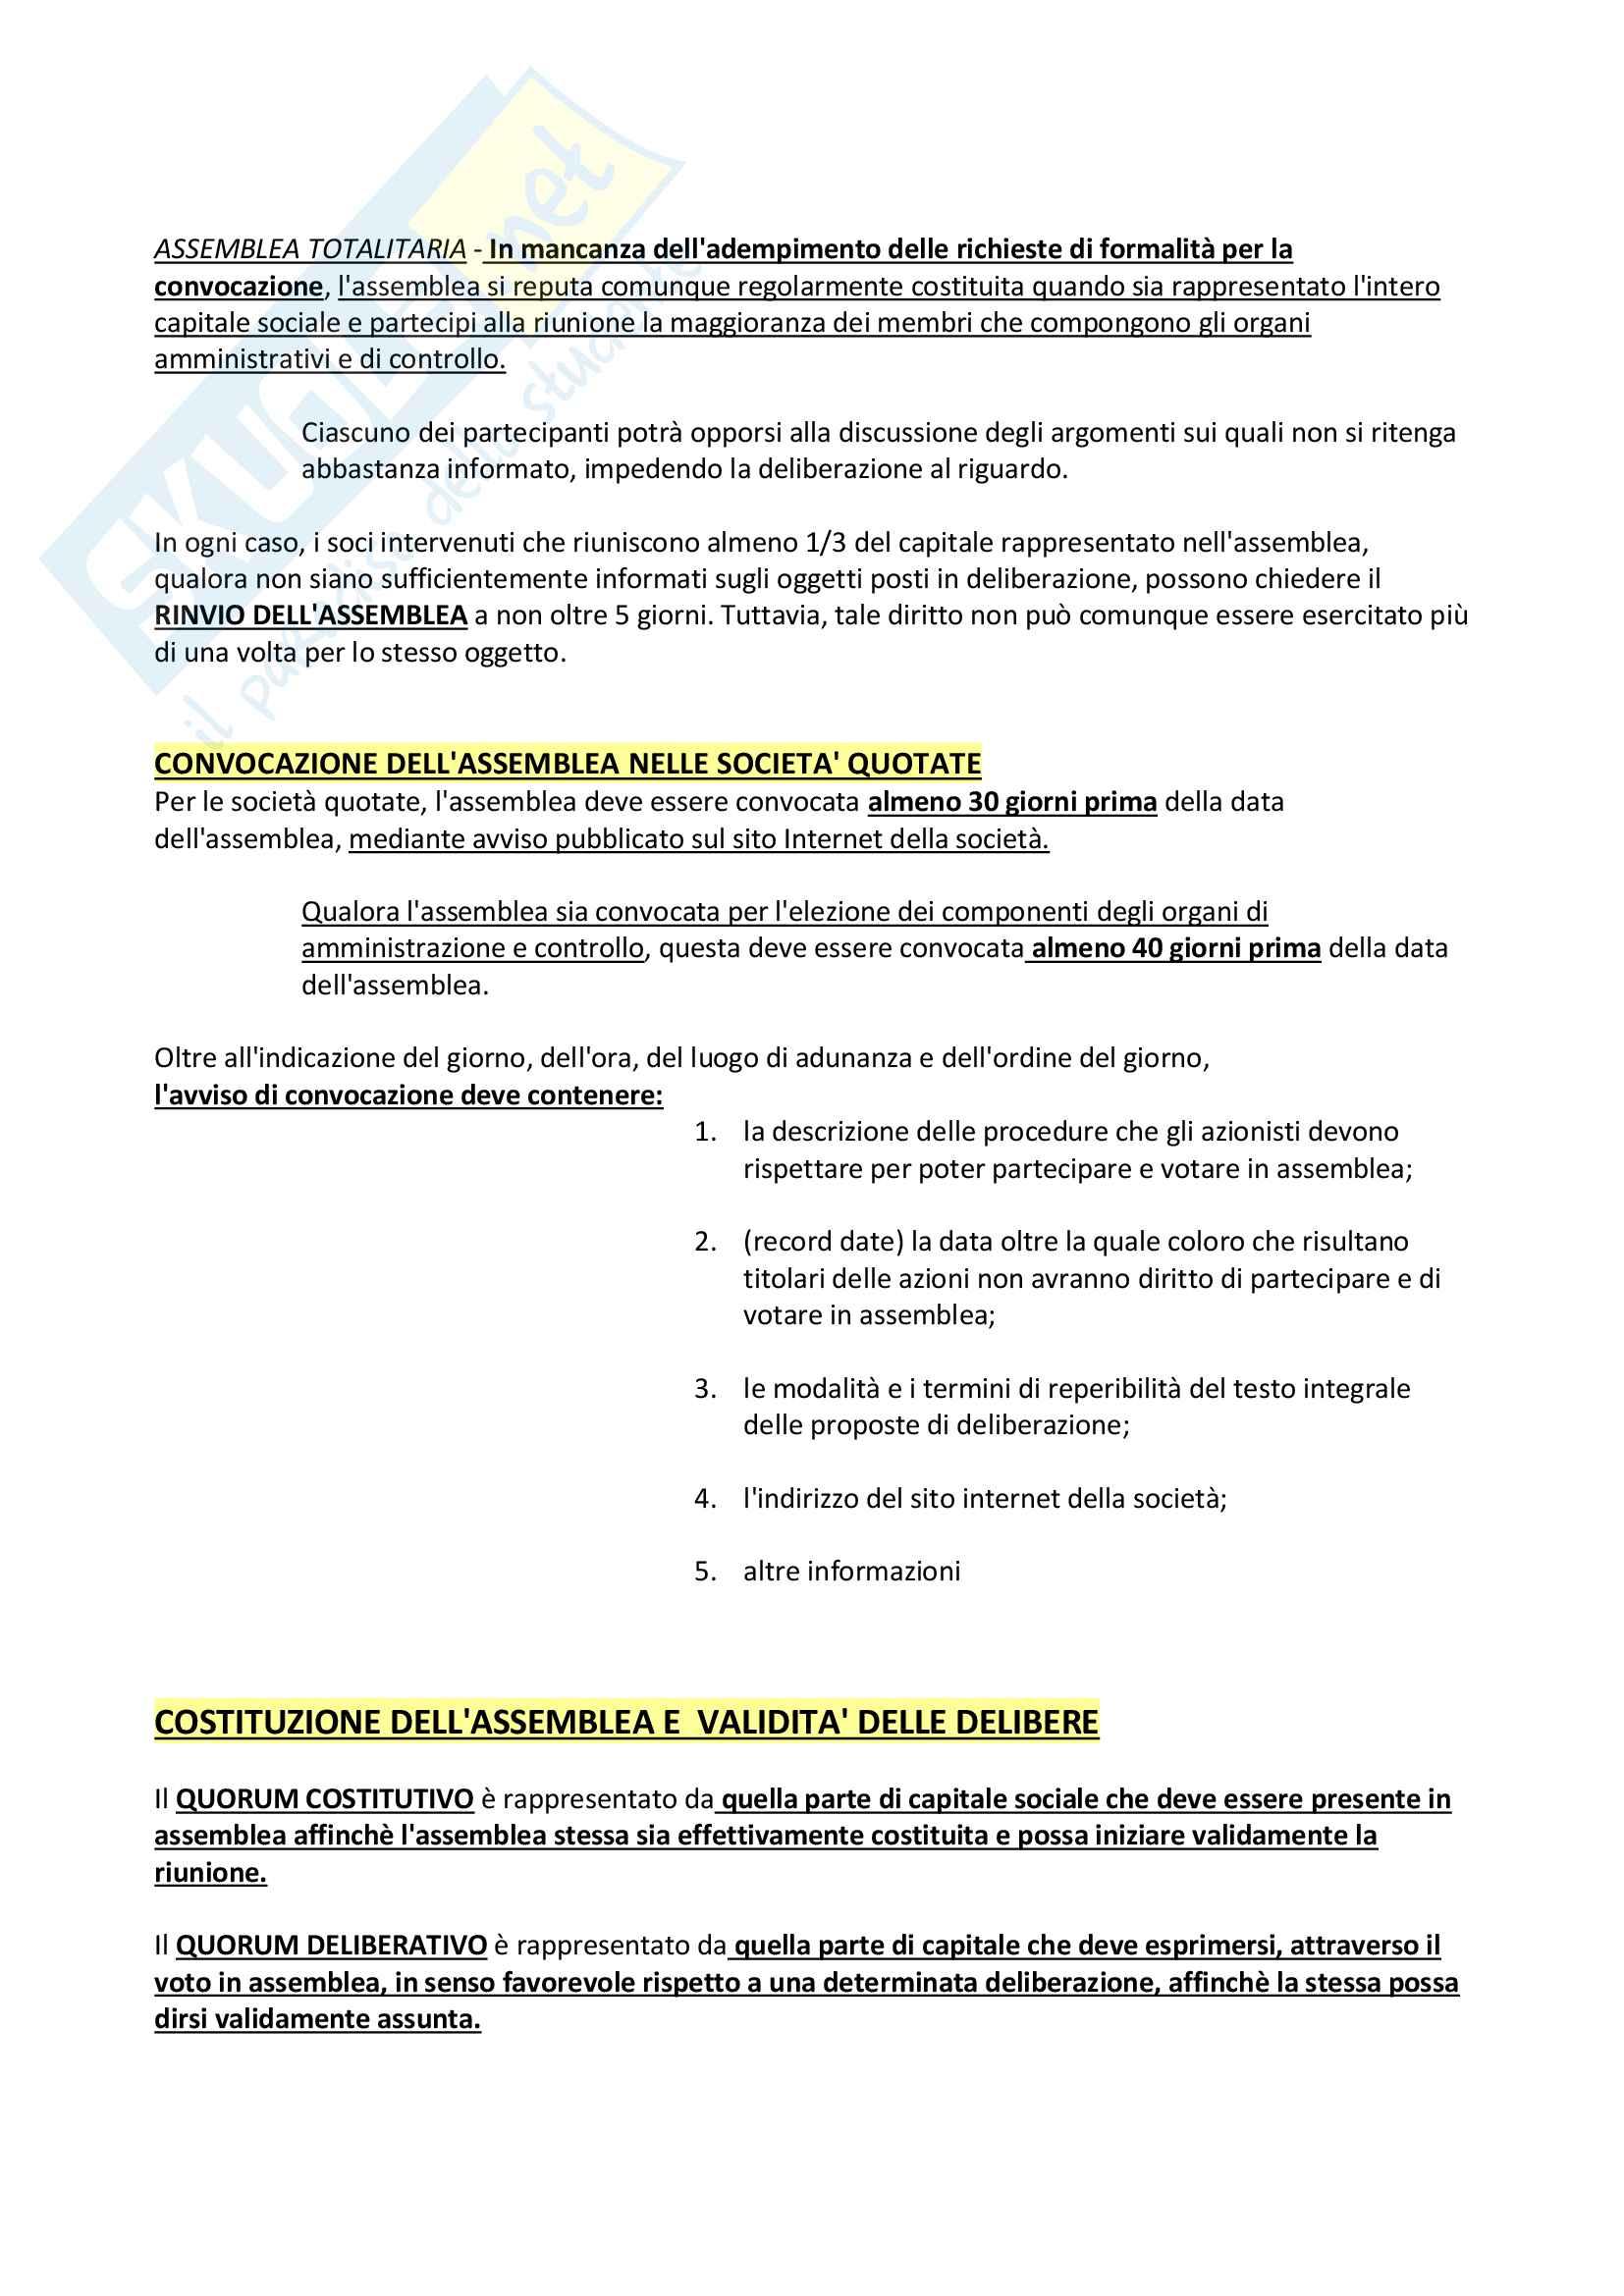 Riassunto + appunti di diritto delle società Pag. 36